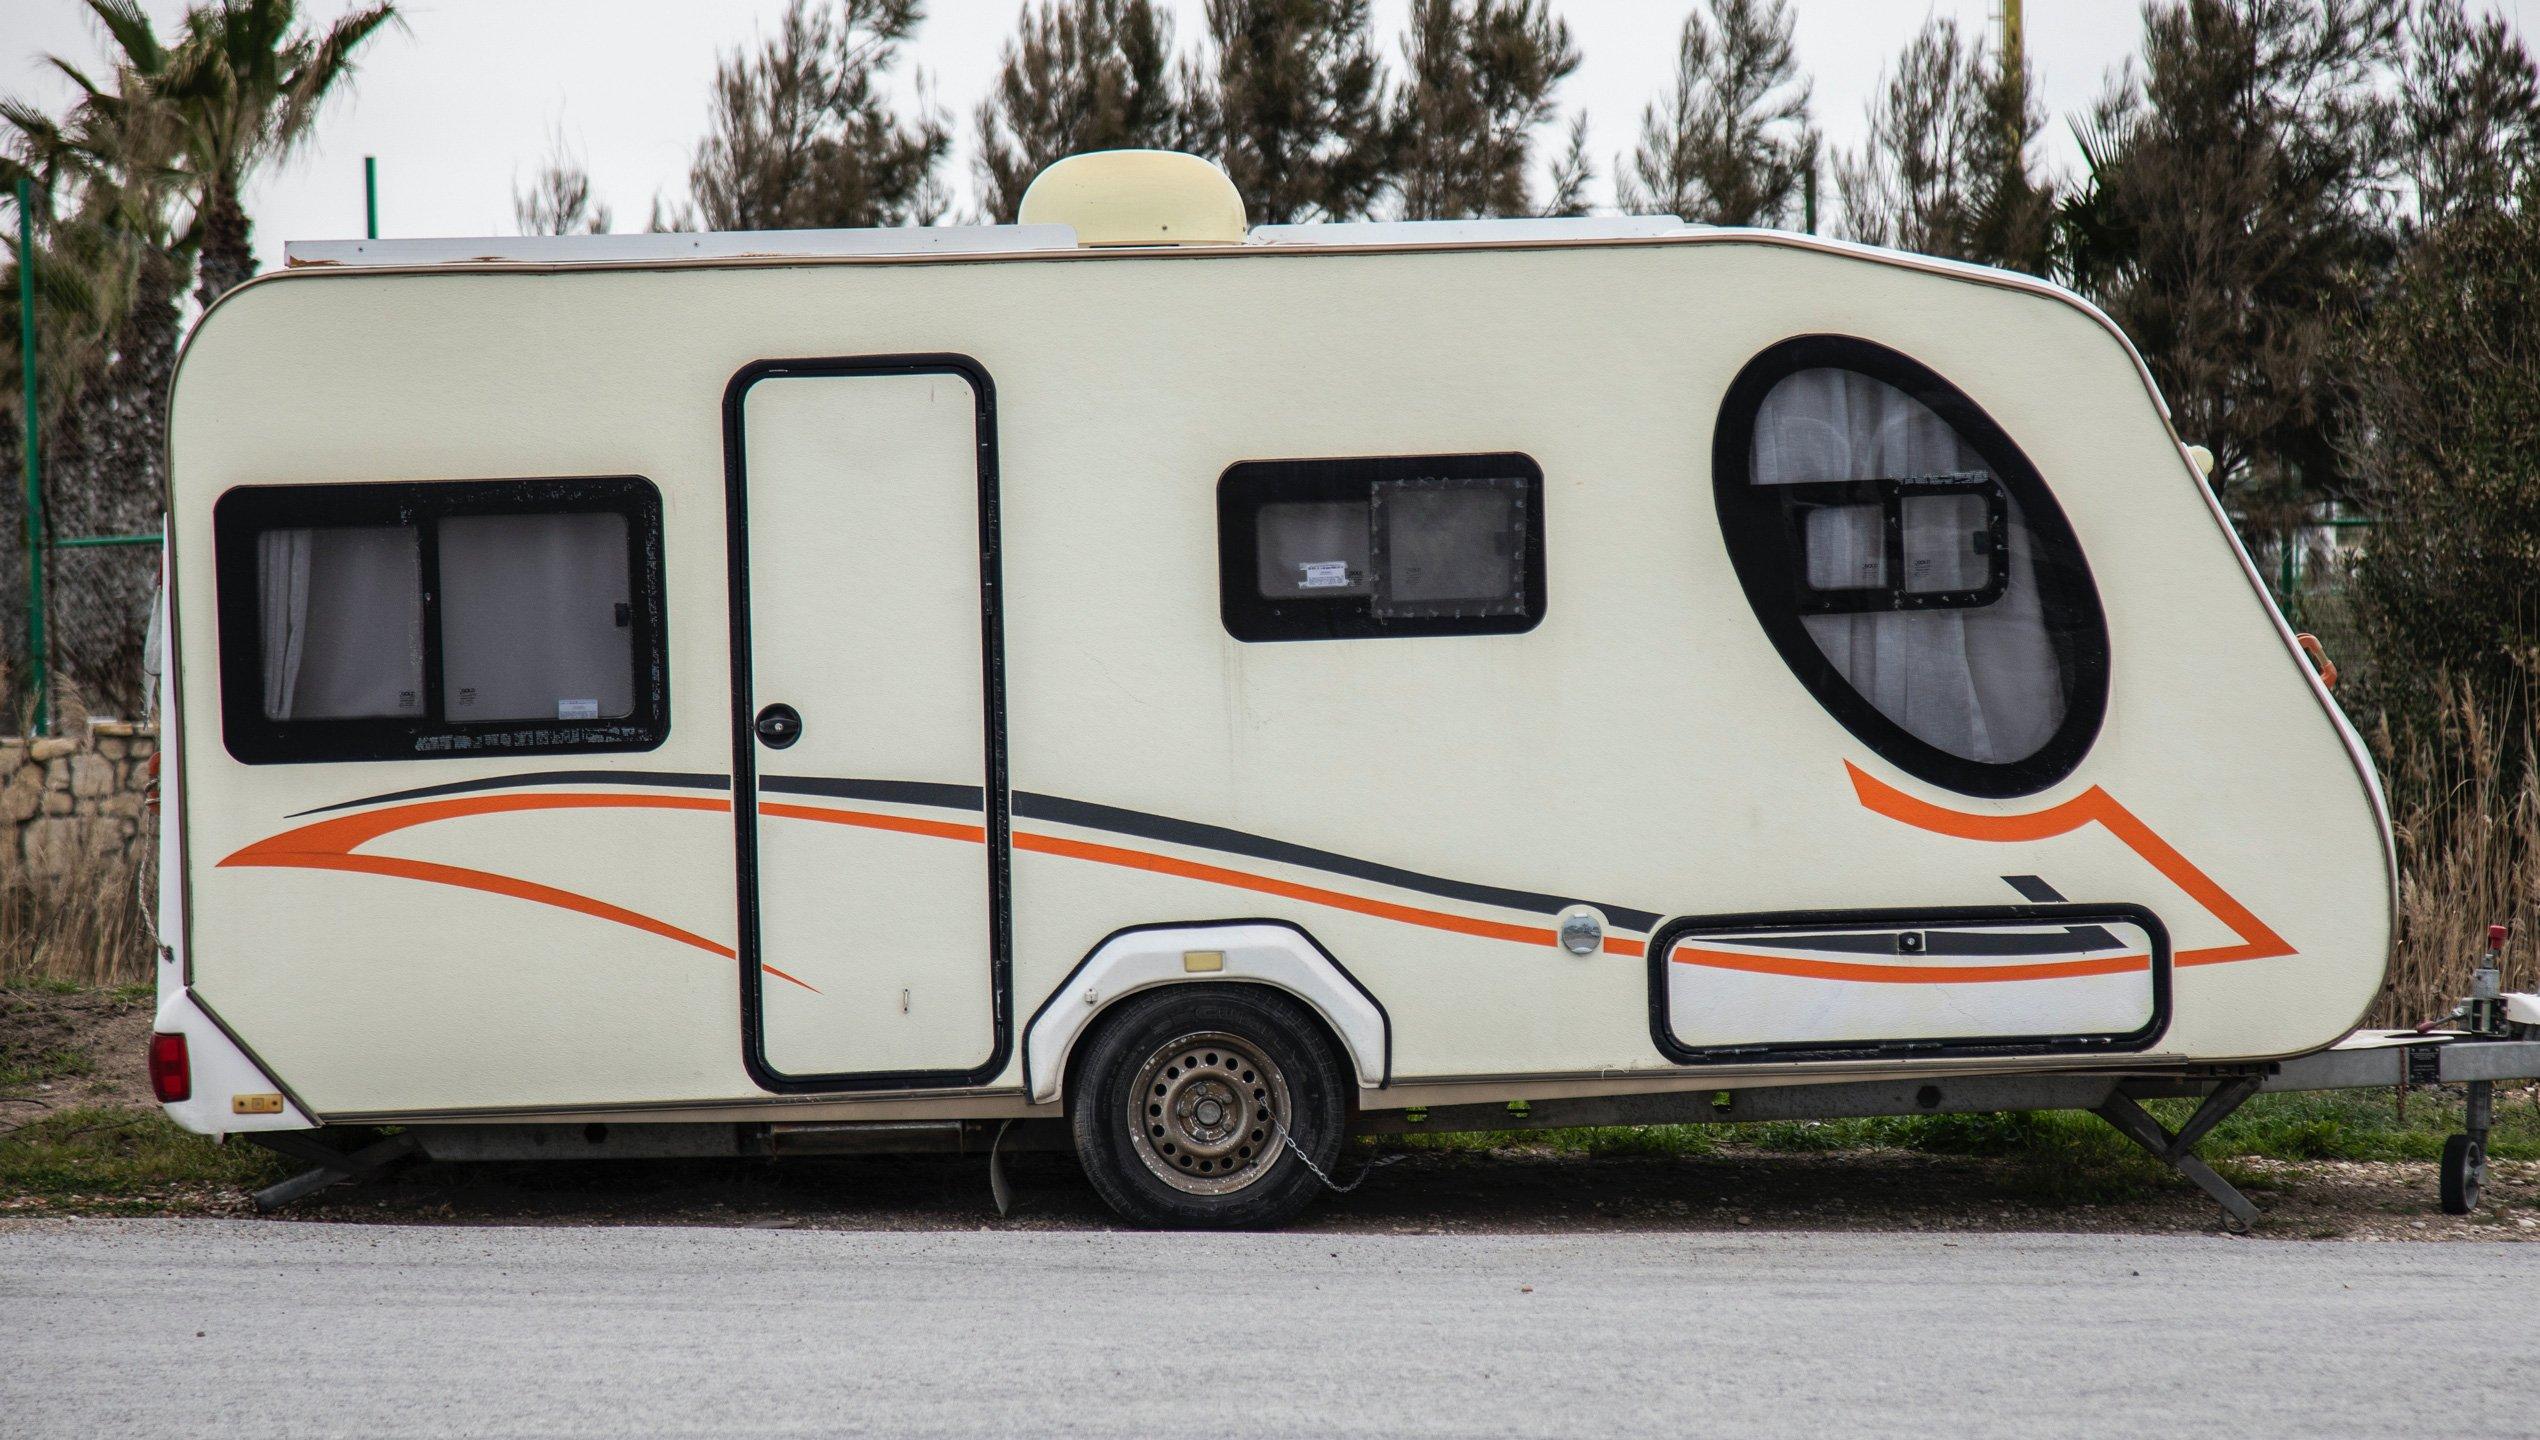 Abbildung eines weißen Wohnwagens zur Wohnwagenversicherung